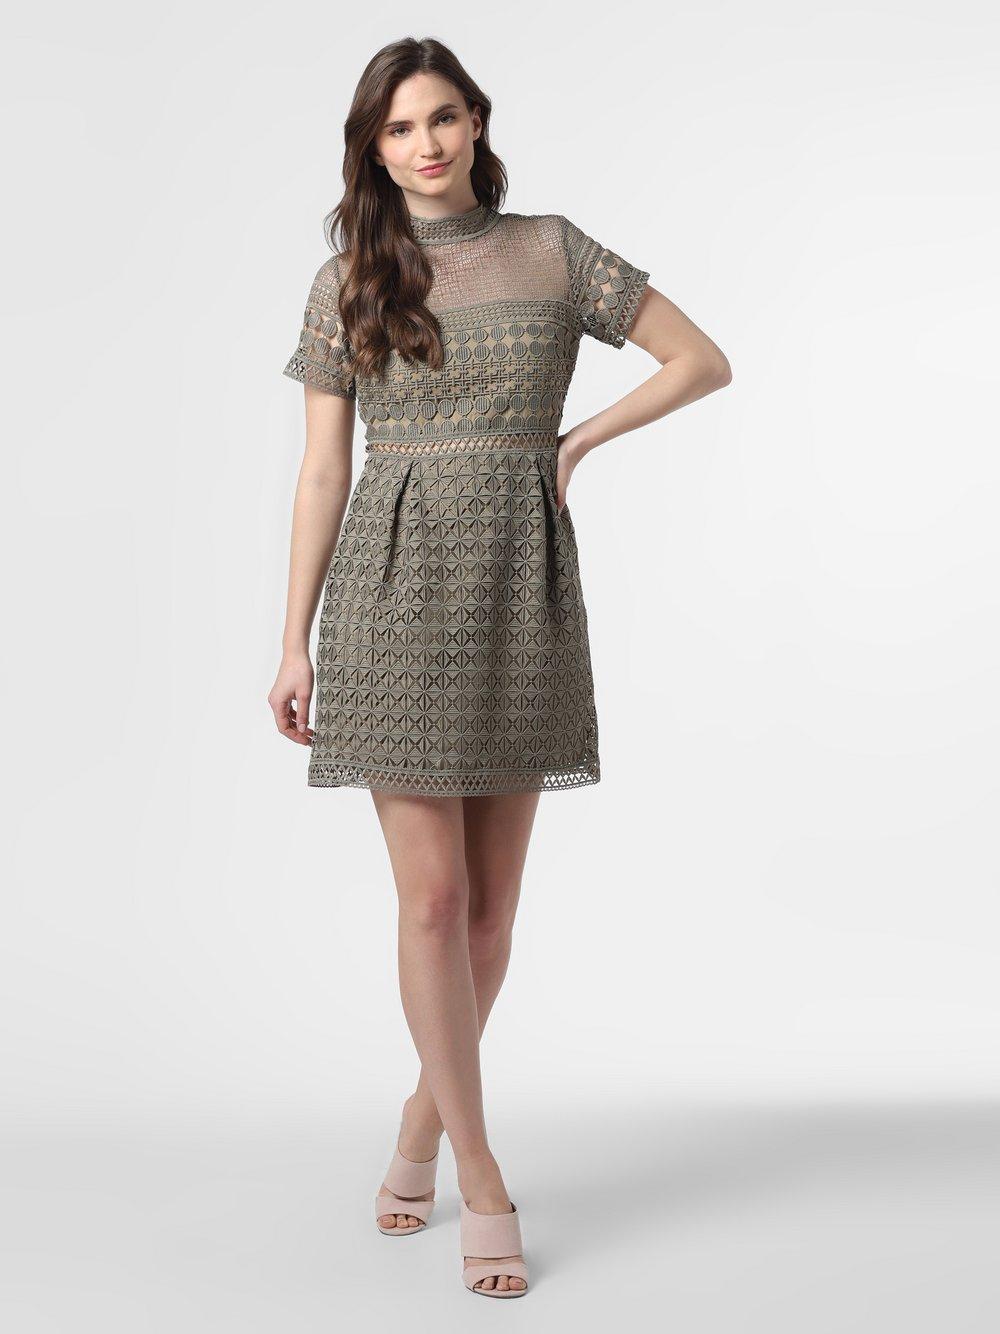 NIKKIE – Sukienka damska – Nora, zielony Van Graaf 465079-0001-00380